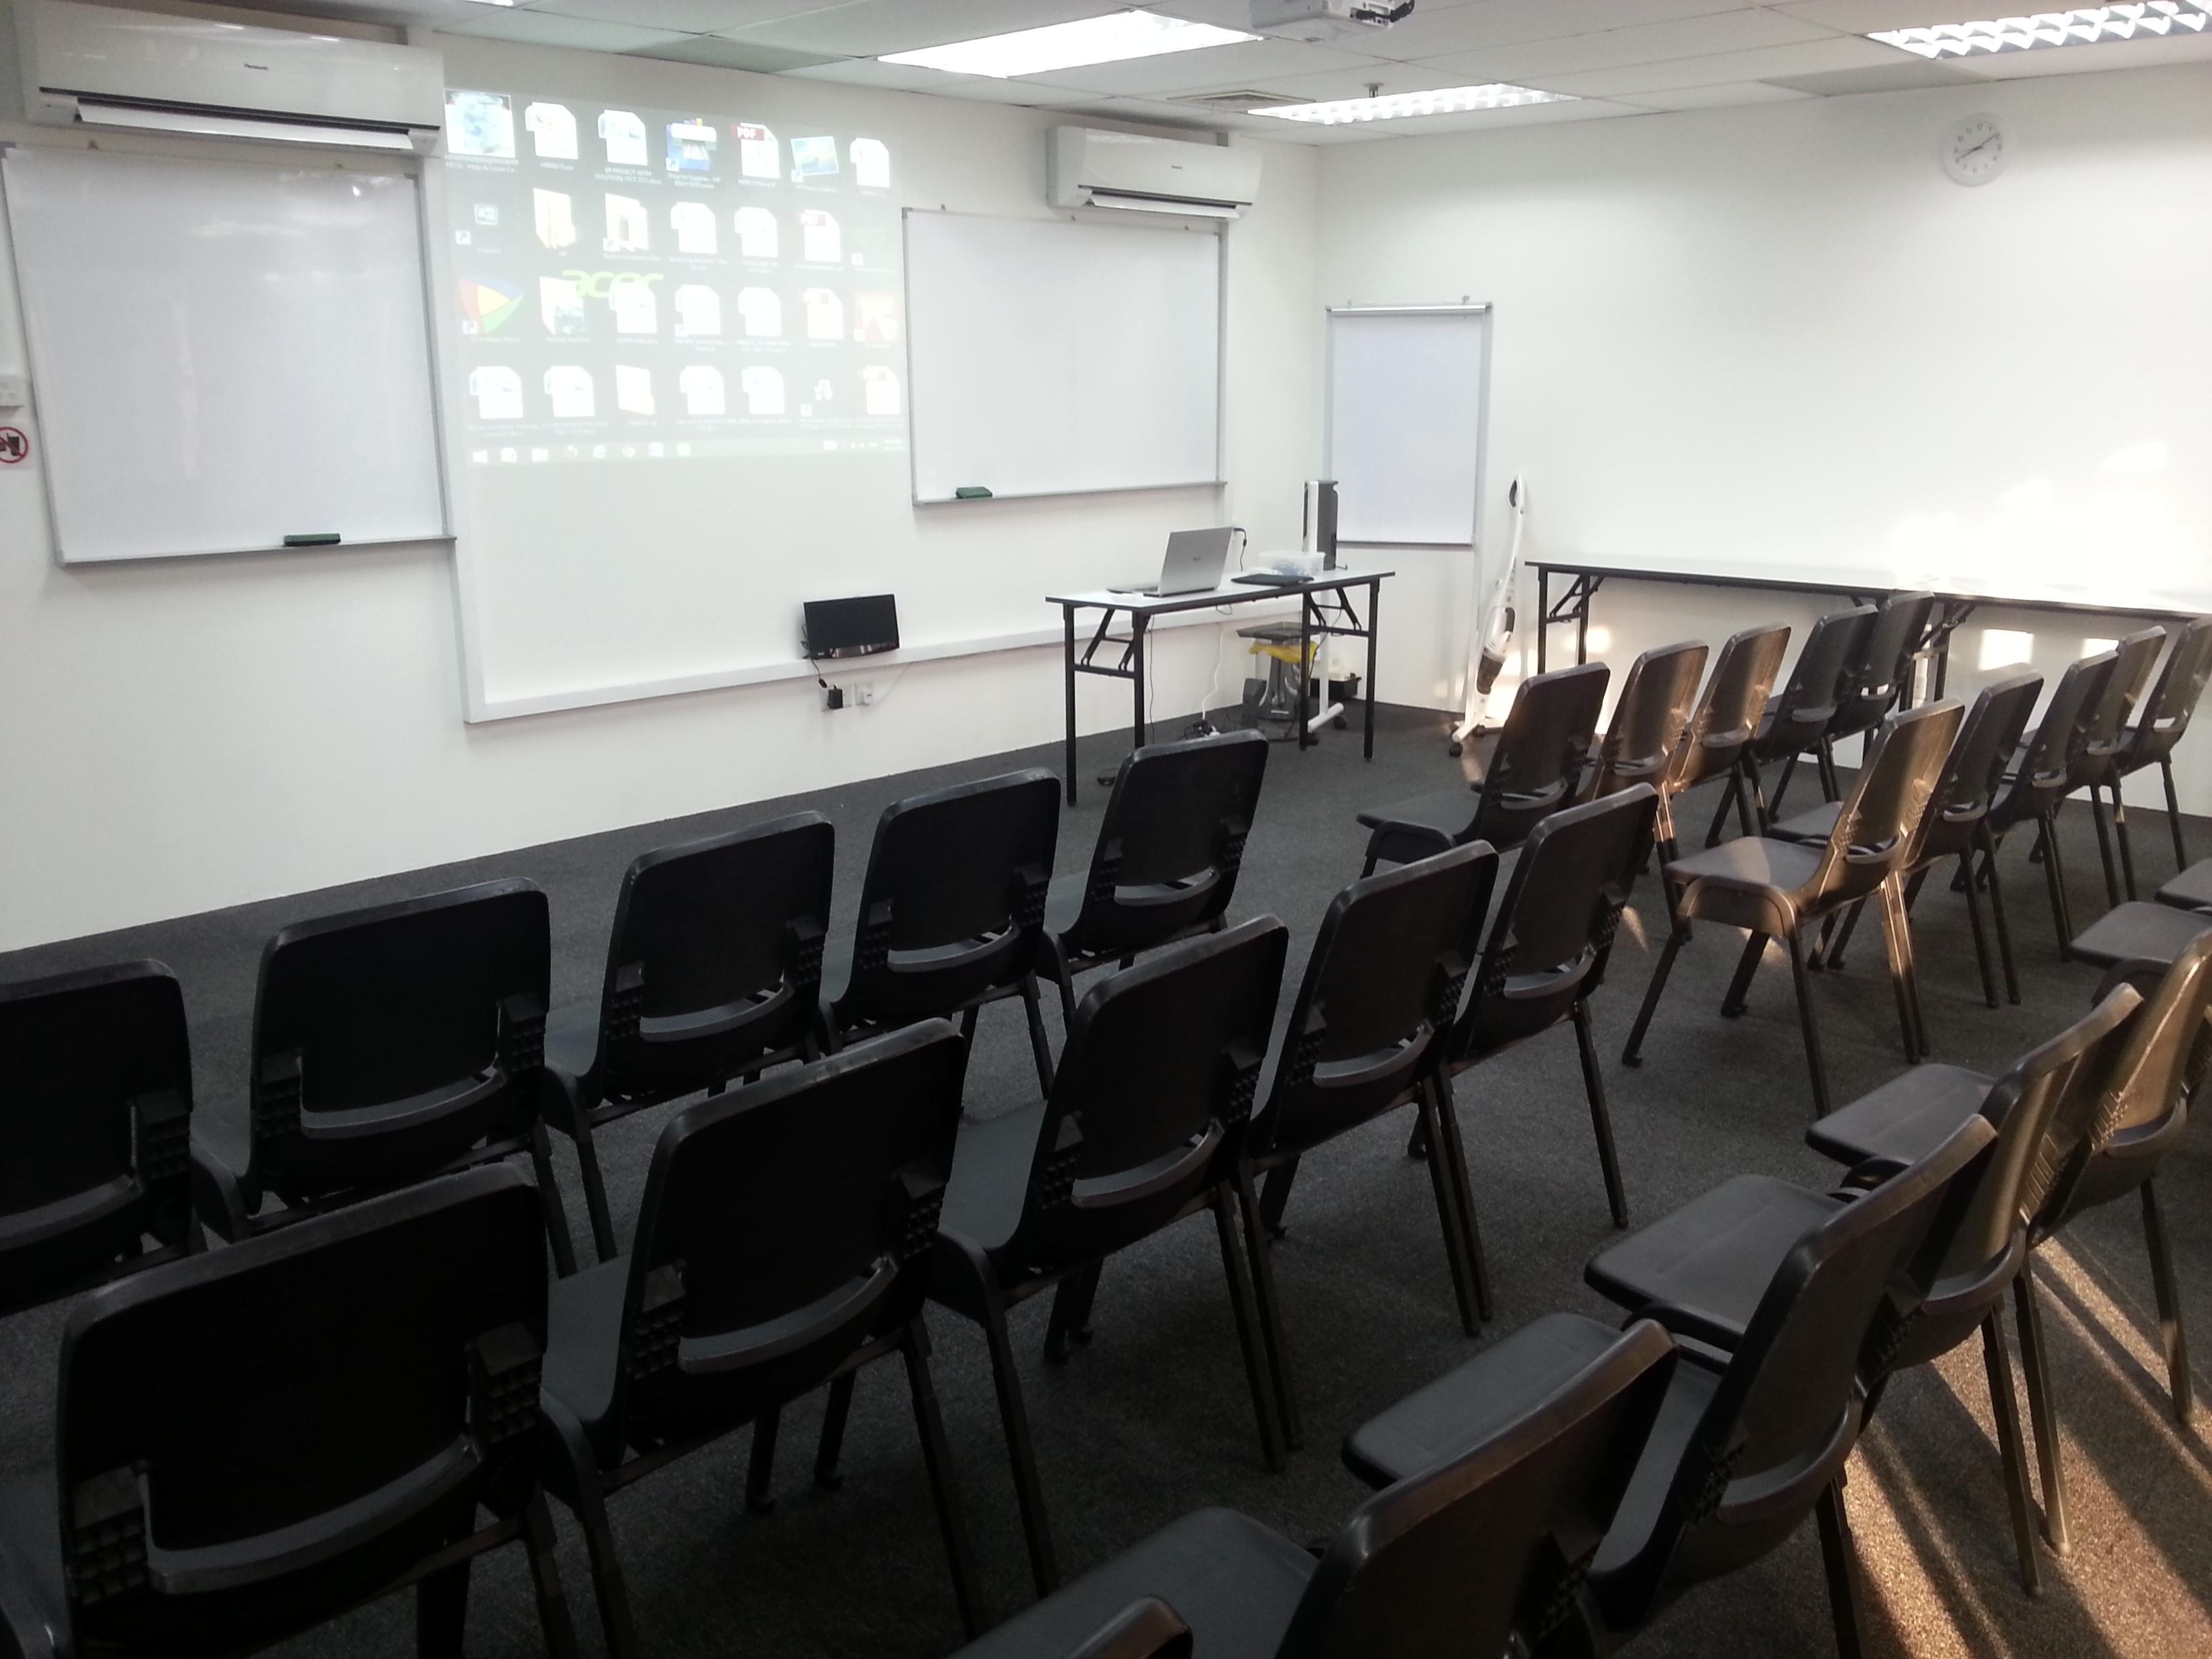 Seminar Room Rental Singapore Seating Arrangement 4